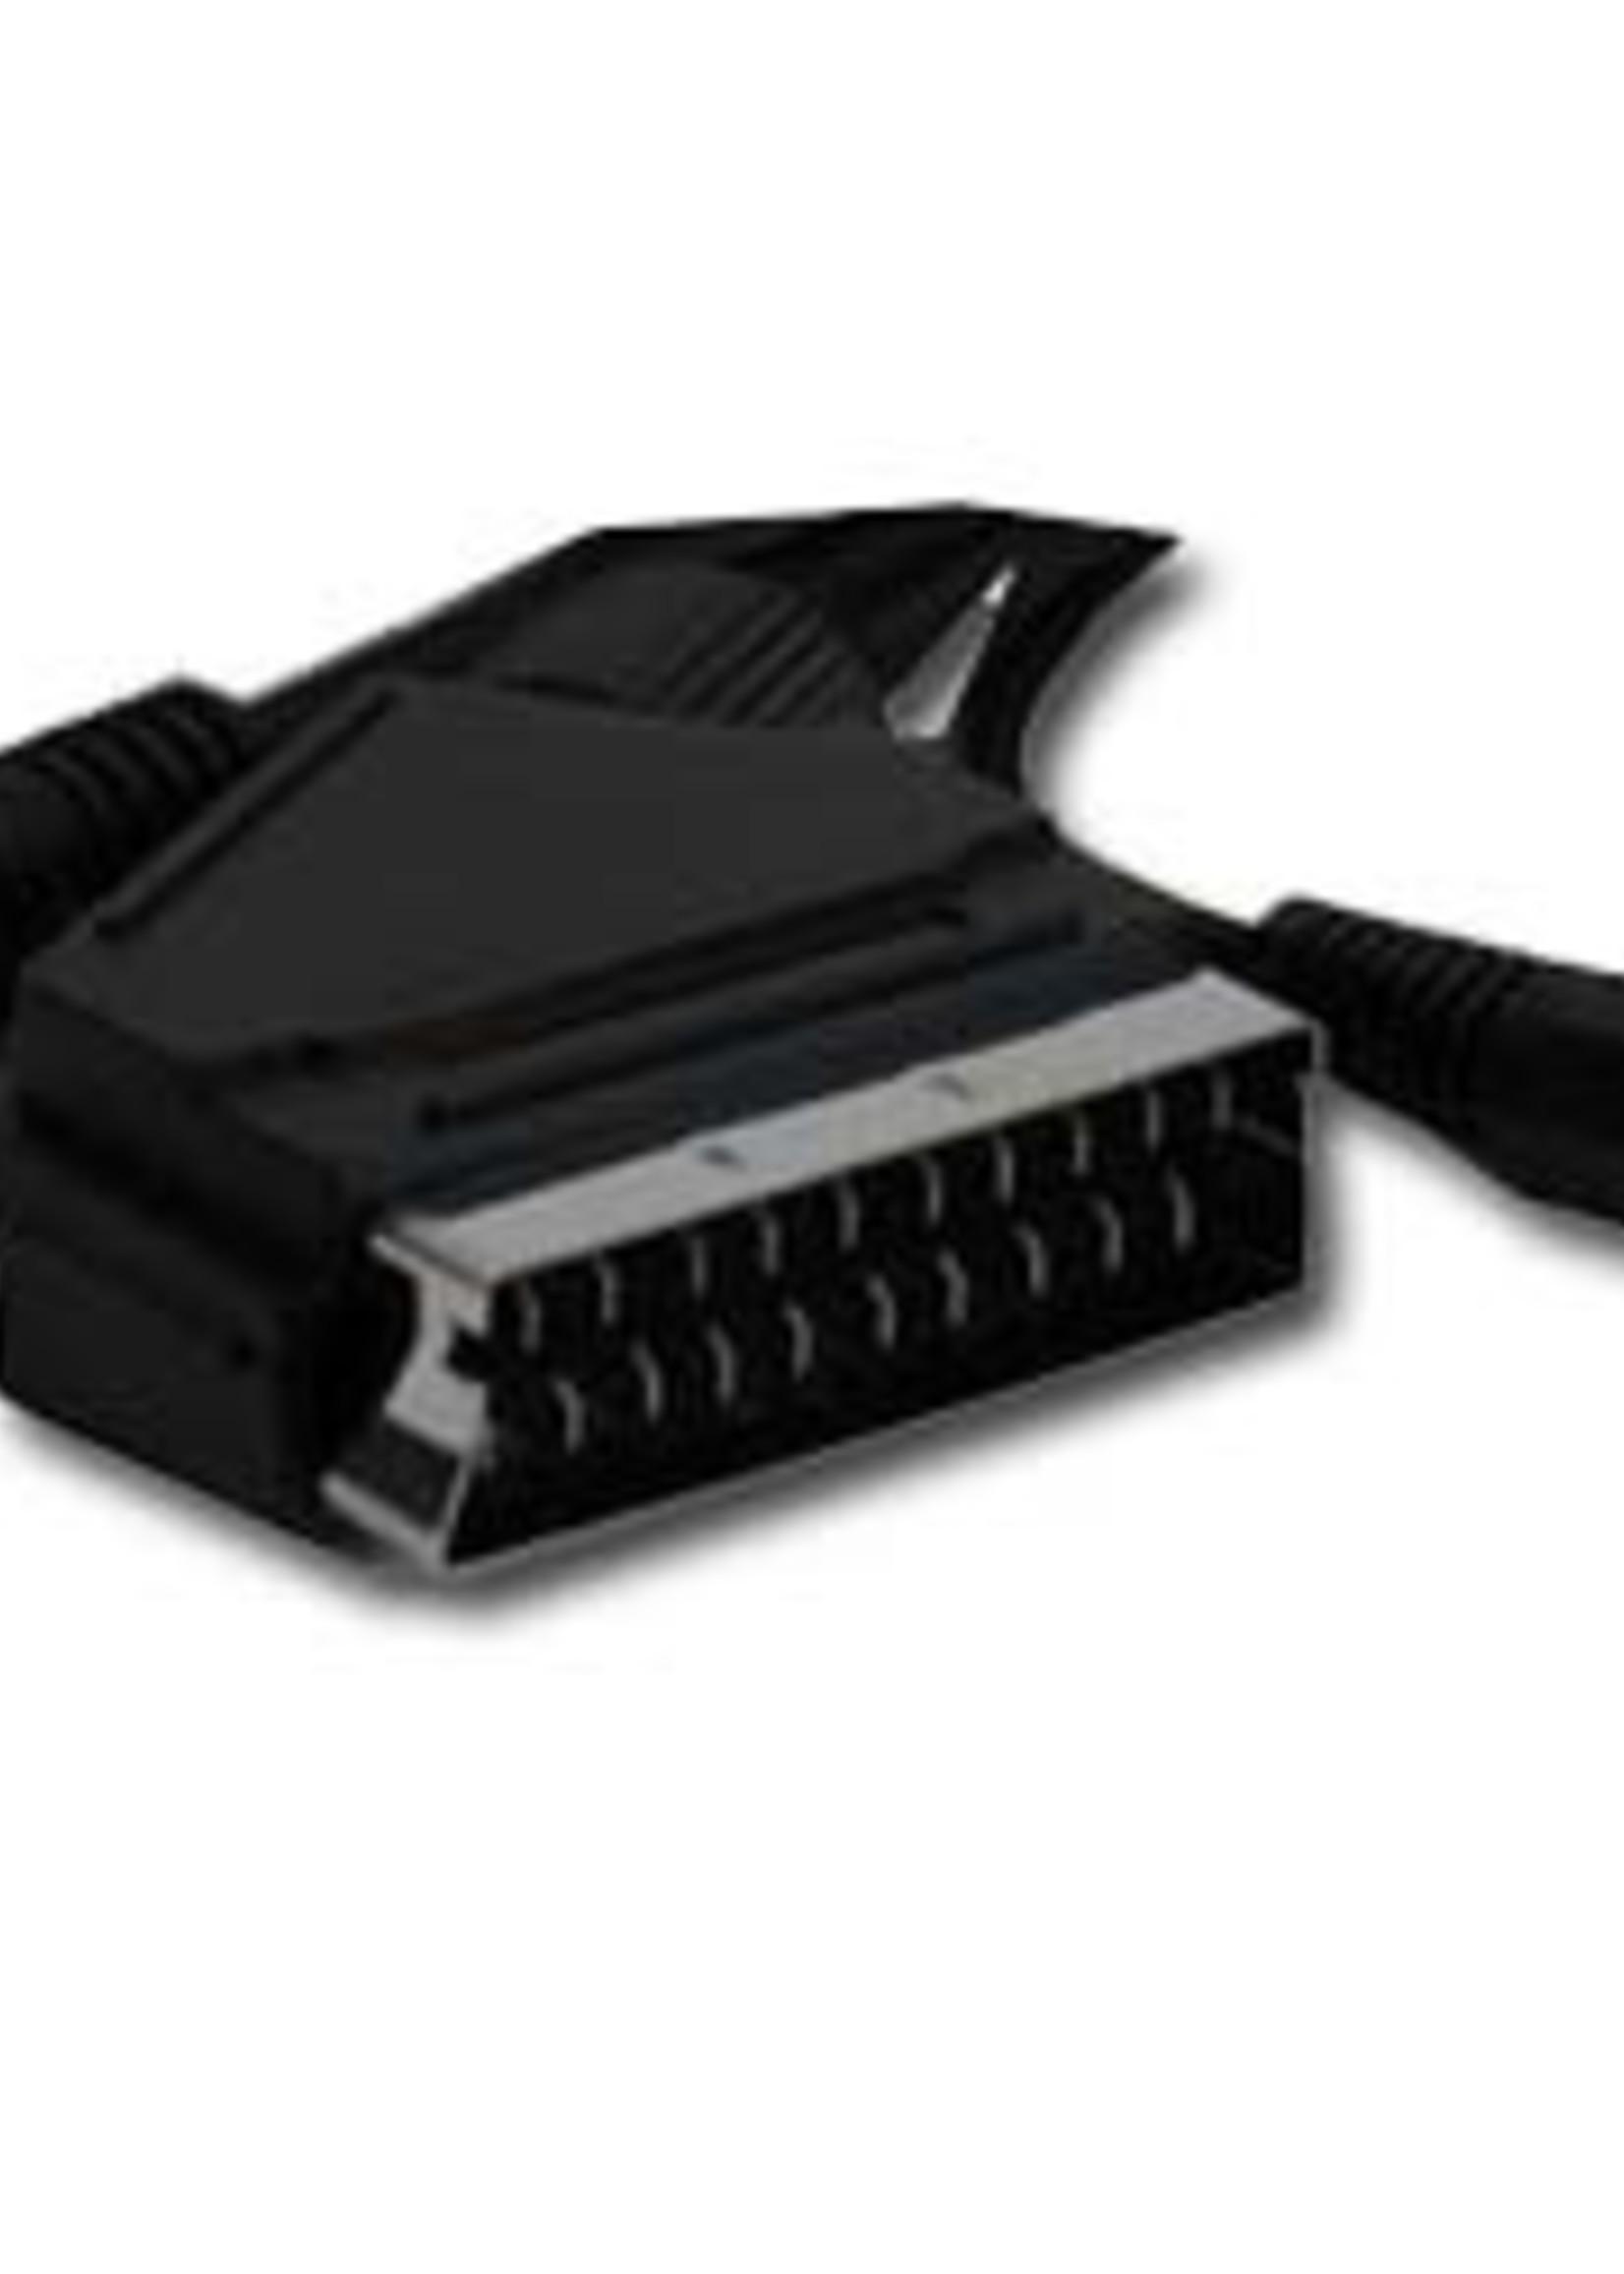 CableXpert Aansluitkabel van SCART naar S-video + audio kabel, 10 meter